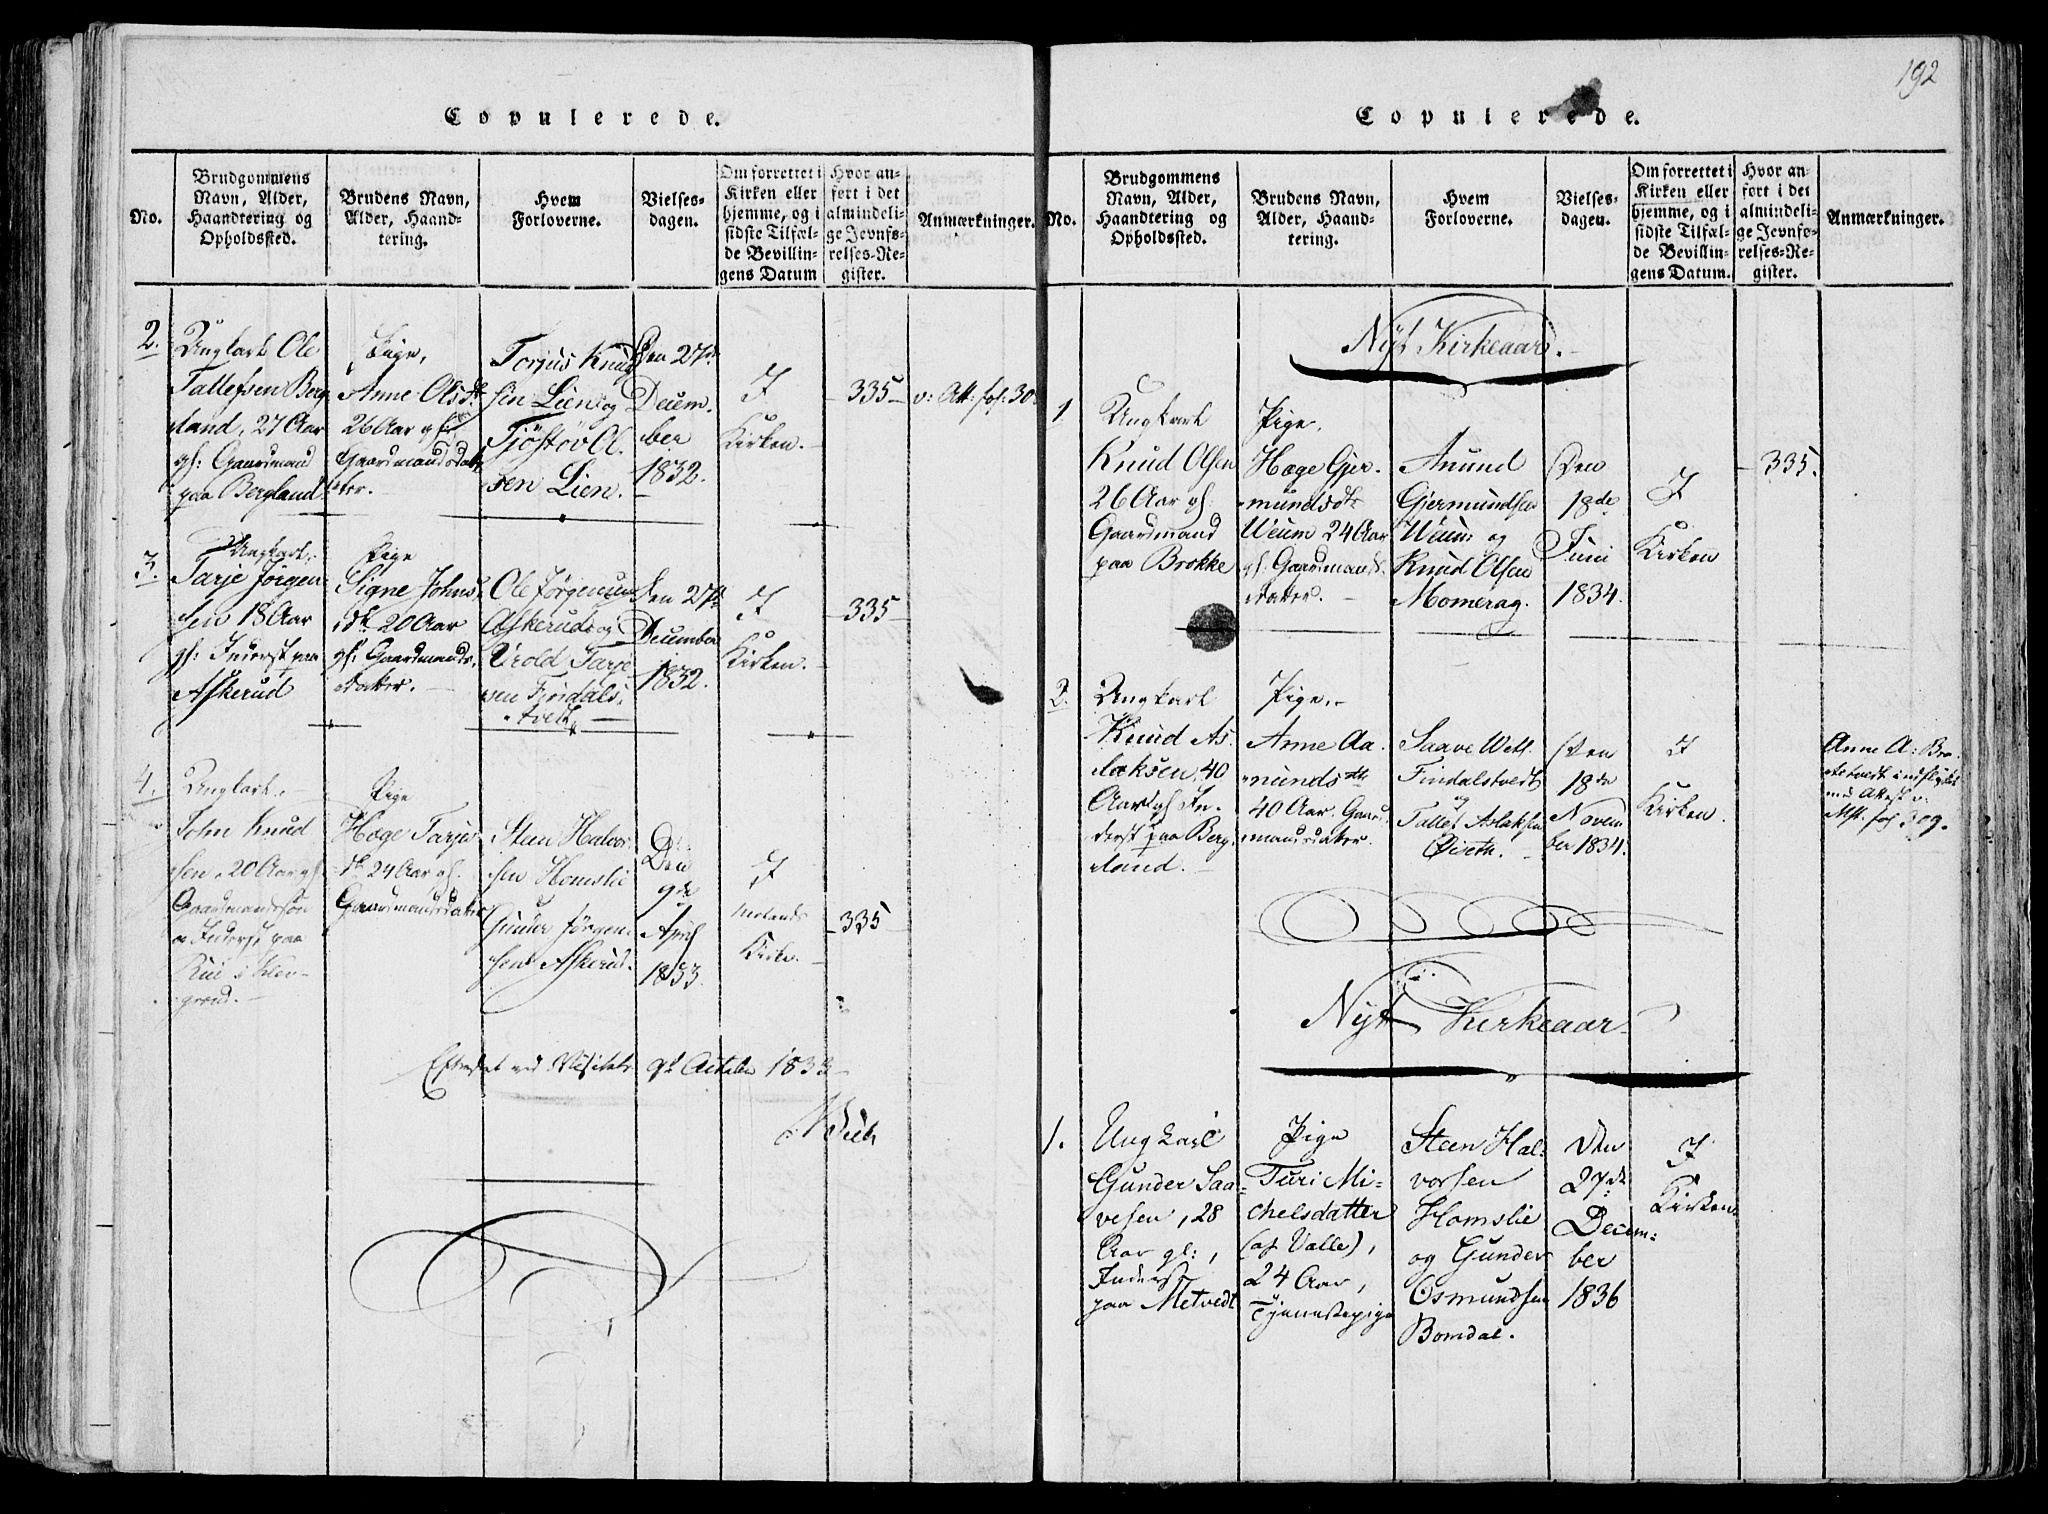 SAKO, Fyresdal kirkebøker, F/Fa/L0004: Ministerialbok nr. I 4, 1815-1854, s. 192